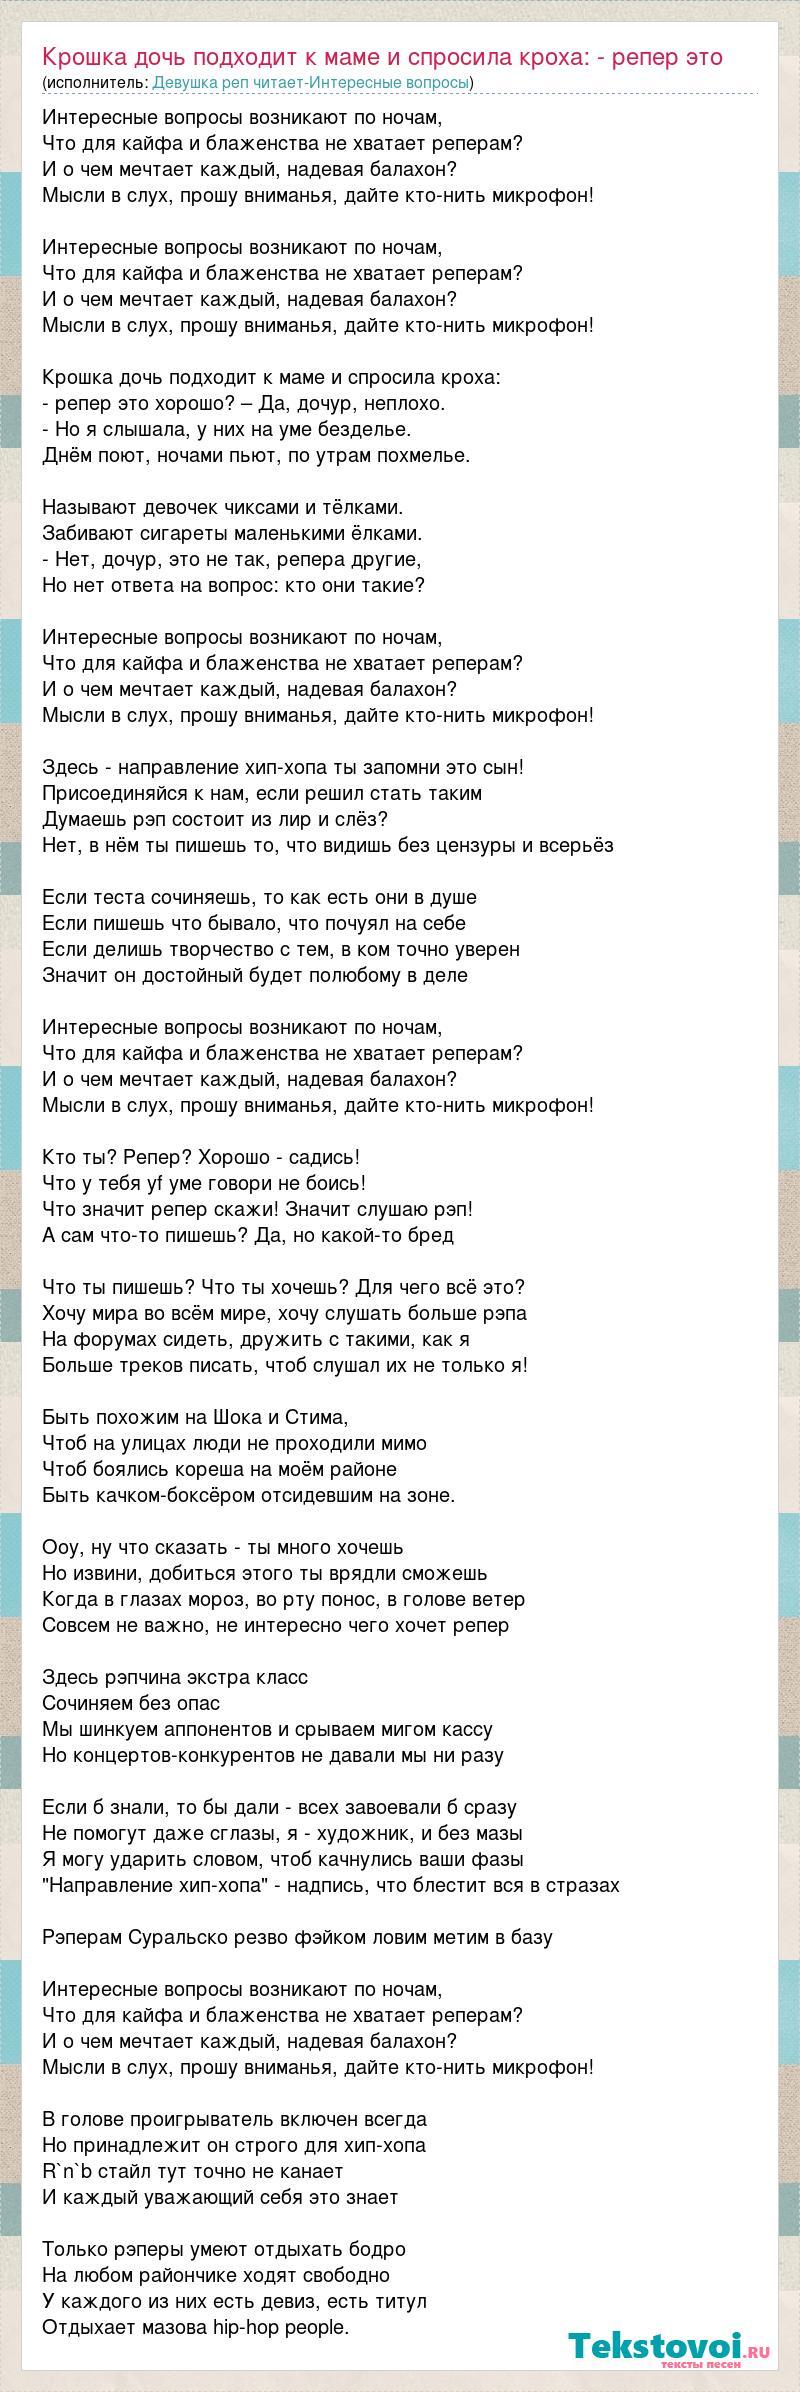 Тексты для рэп читать девушке